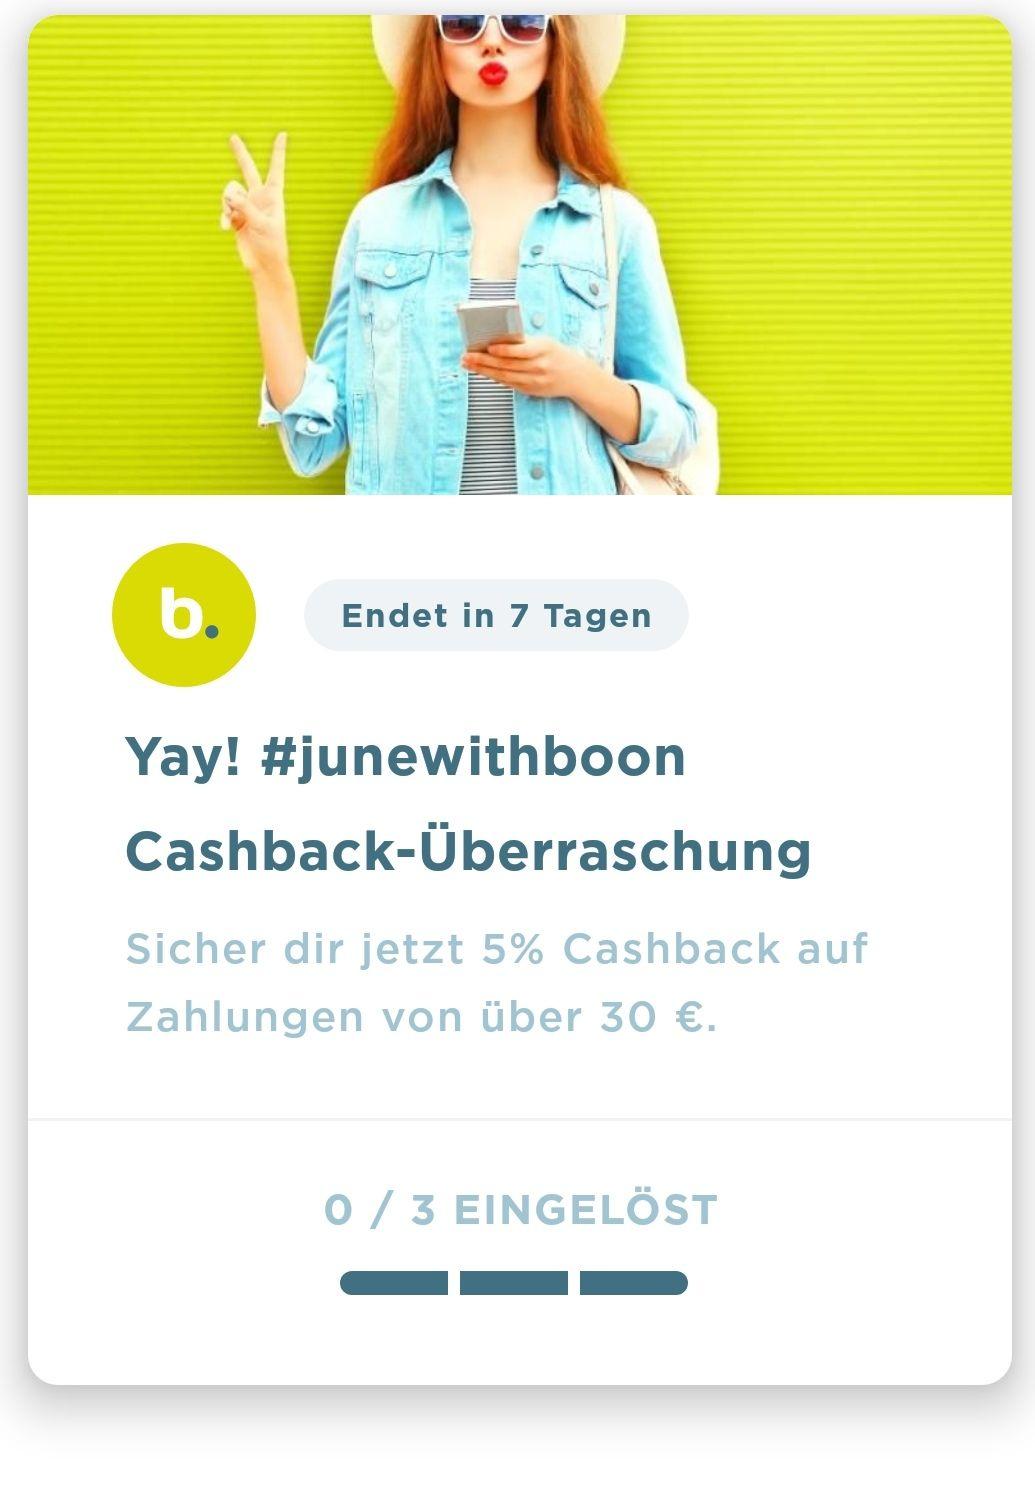 Neue boon Aktion. 5% Cashback bei Zahlungen über 30€. Bis 24.06.2019